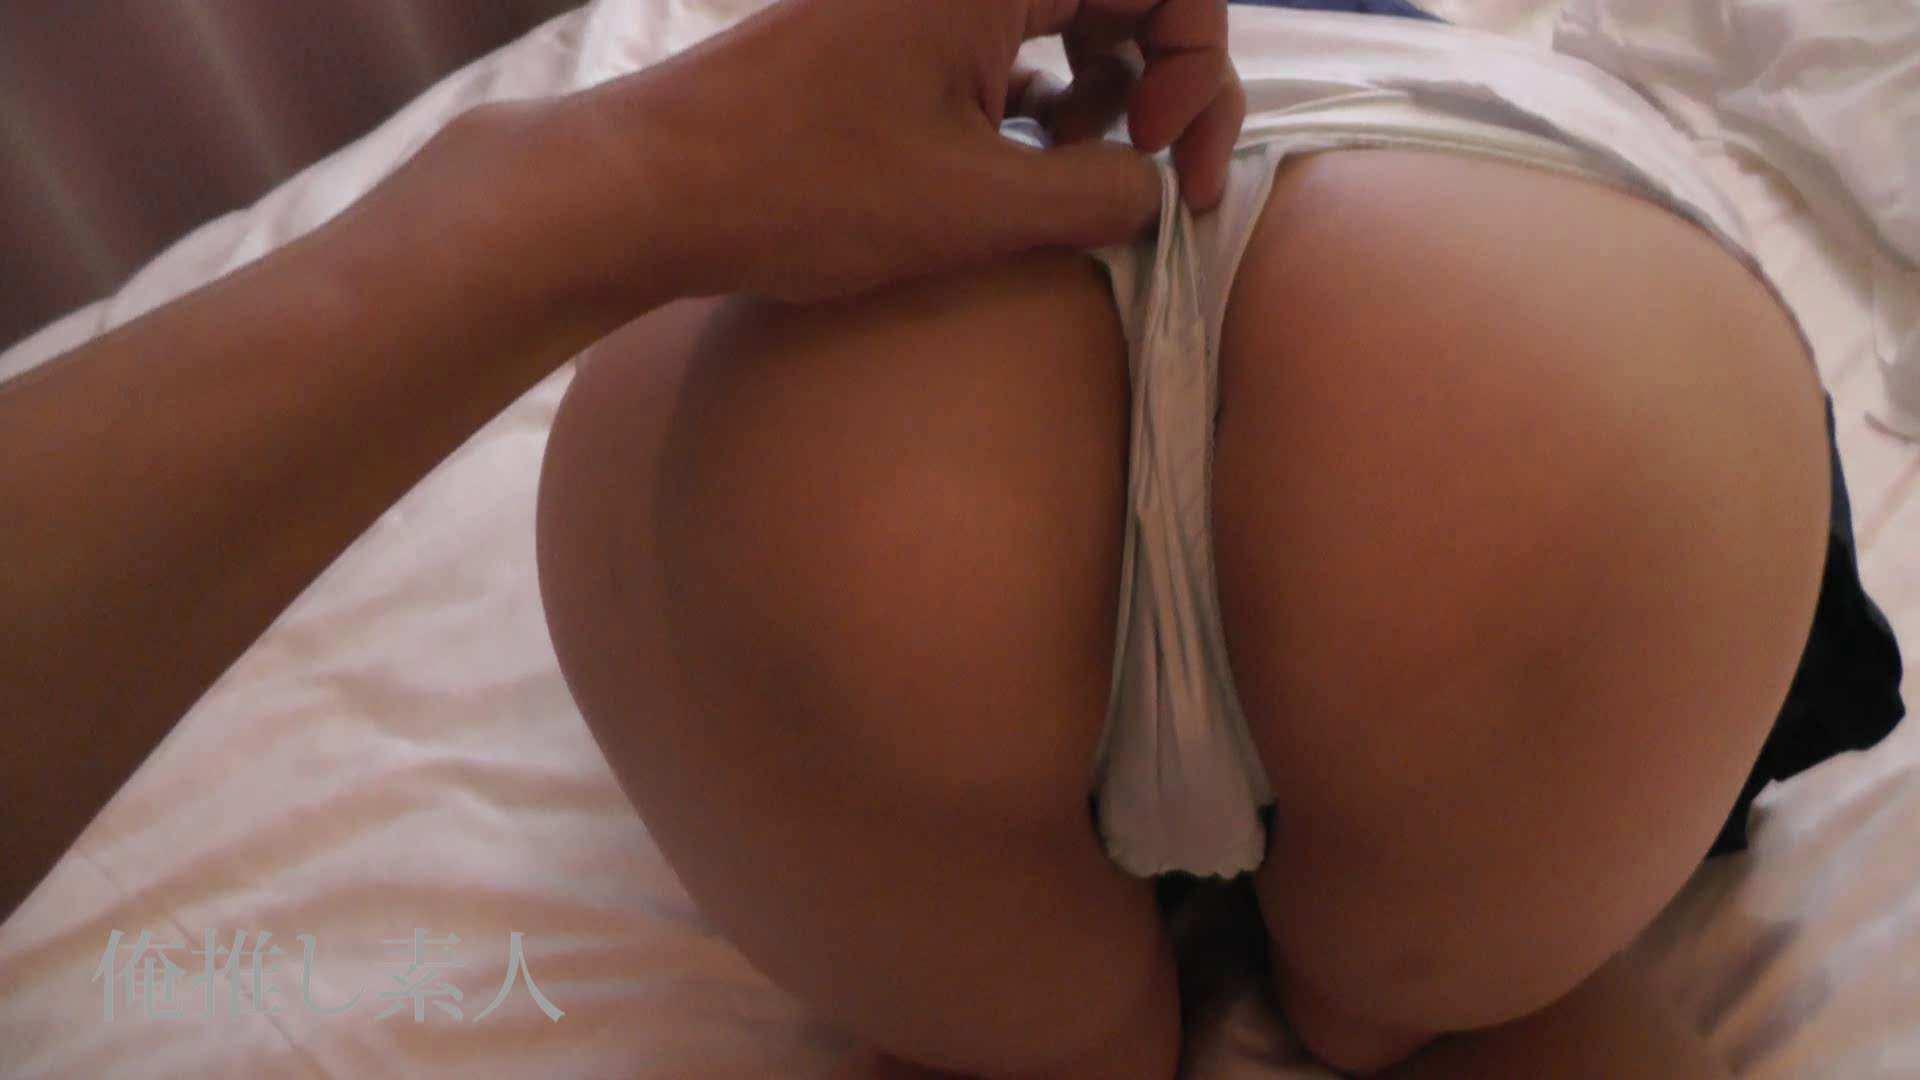 俺推し素人 EカップシングルマザーOL30歳瑤子vol4 超エロ人妻 われめAV動画紹介 80枚 15